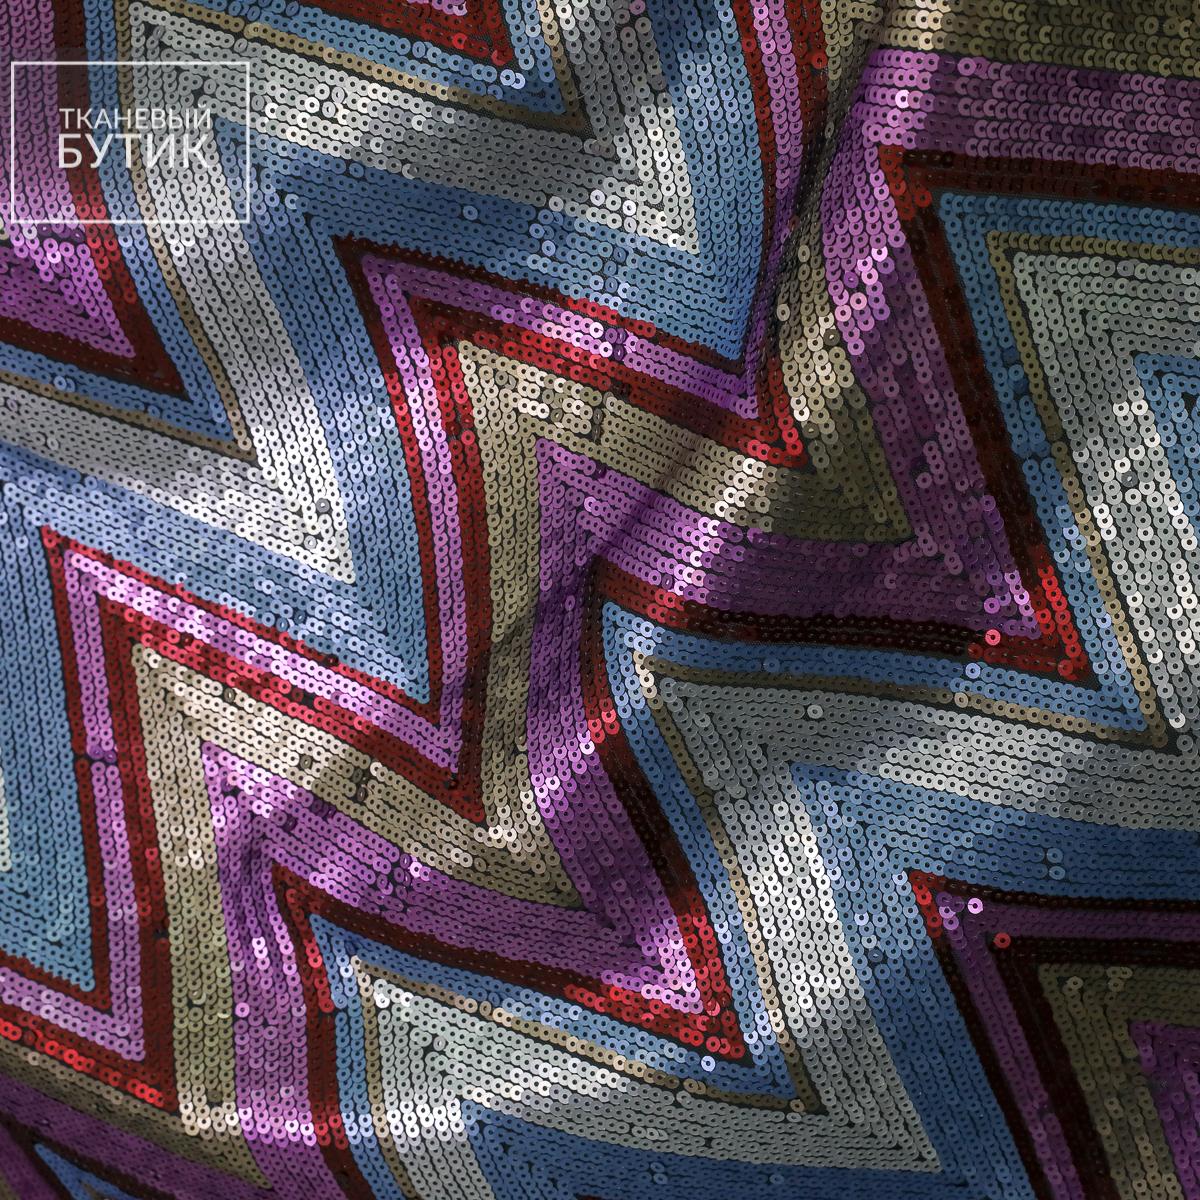 Разноцветные пайетки крупным зигзагом